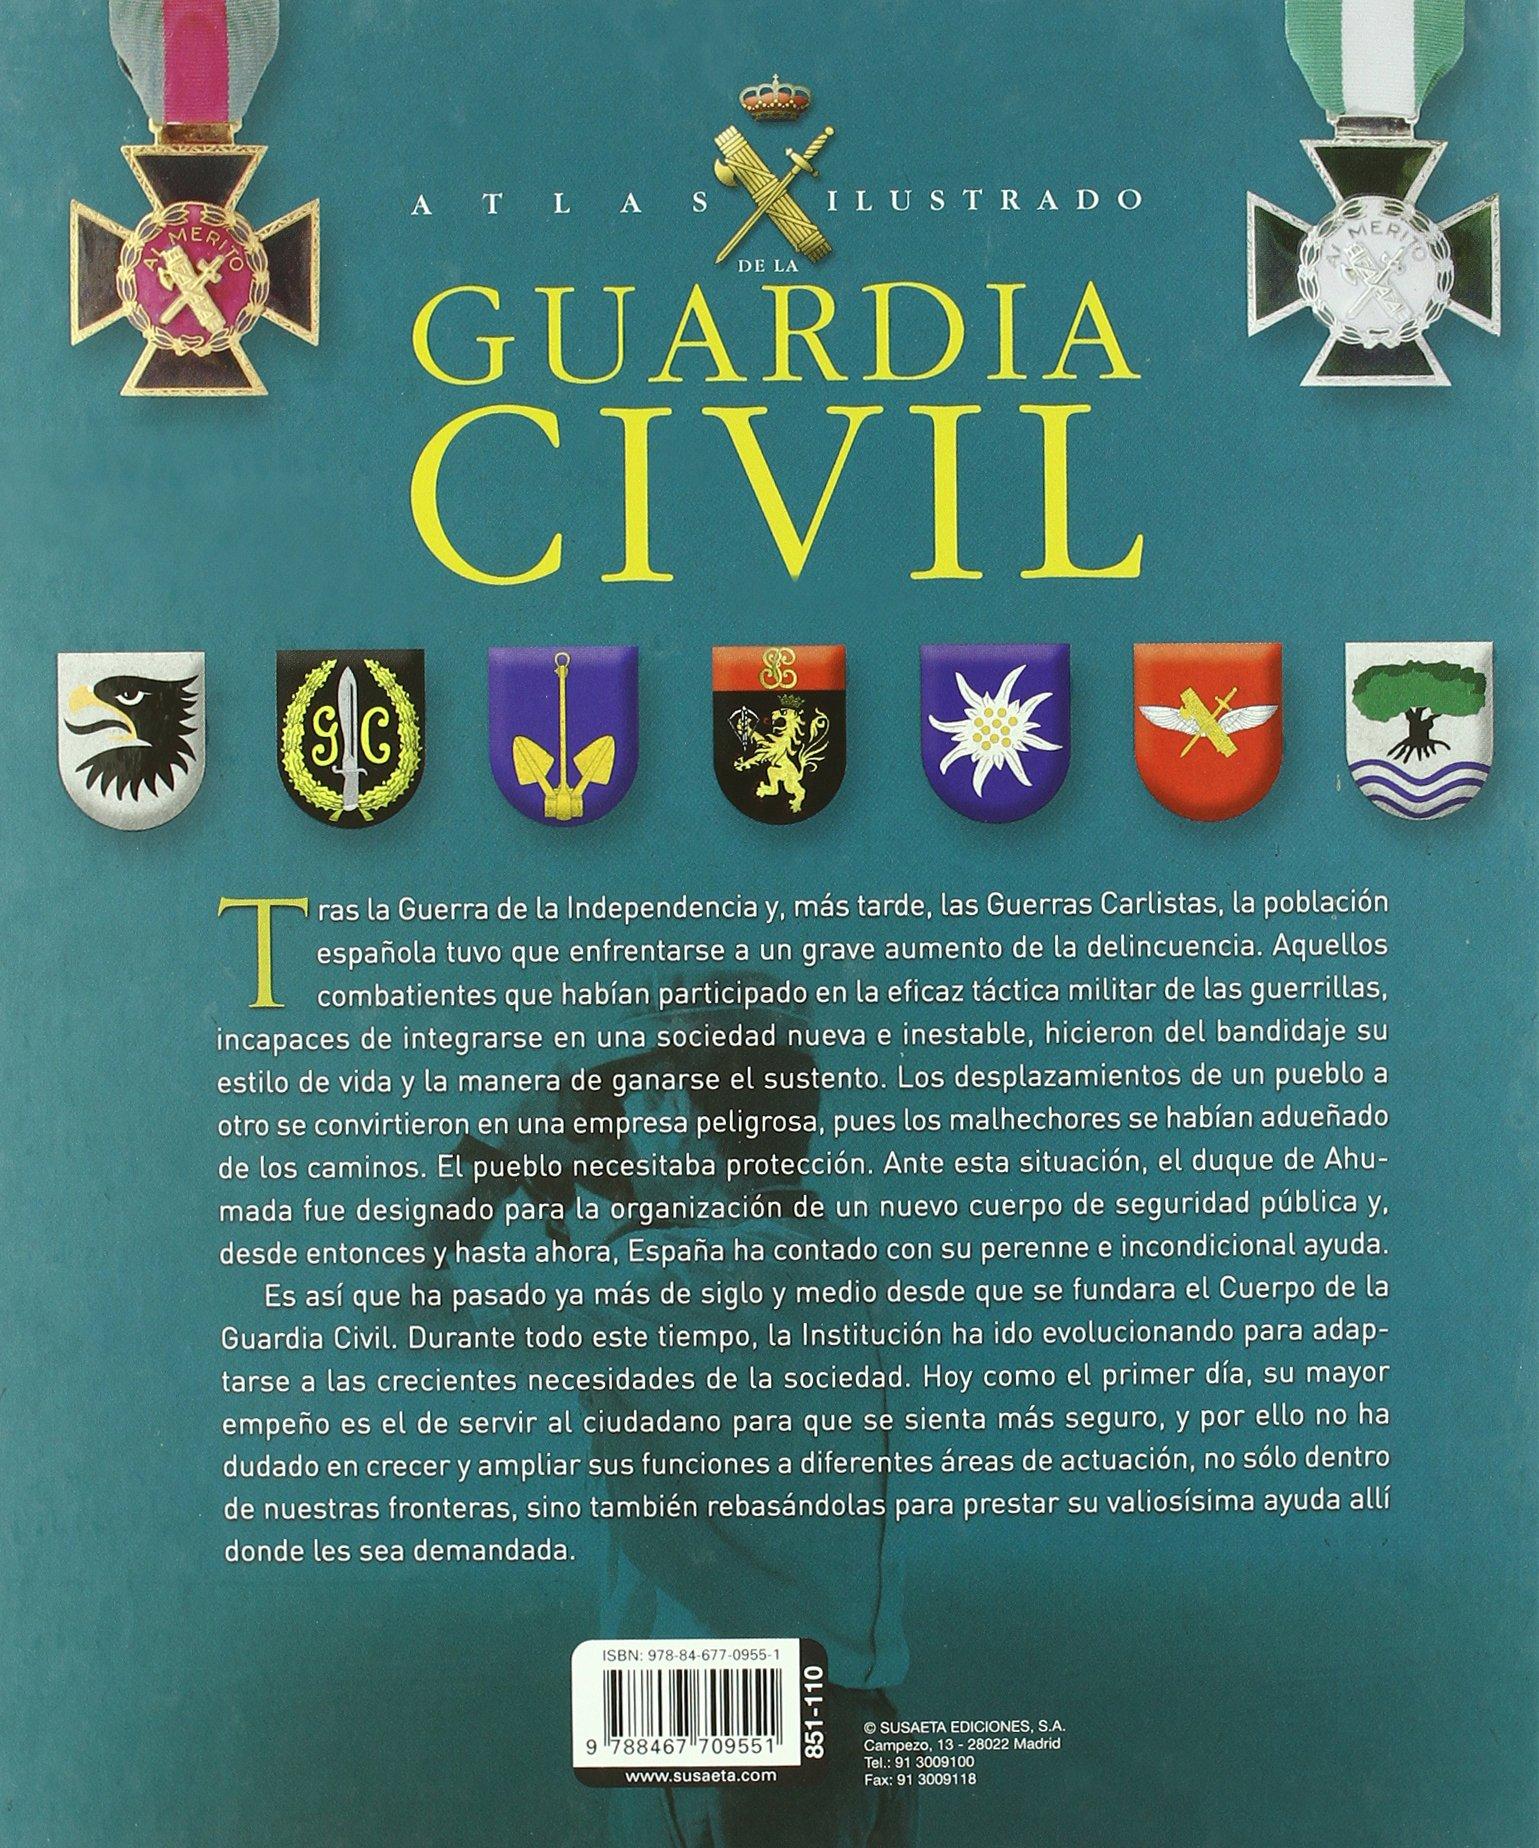 Guardia Civil (Atlas Ilustrado): Amazon.es: Martínez Viqueira ...